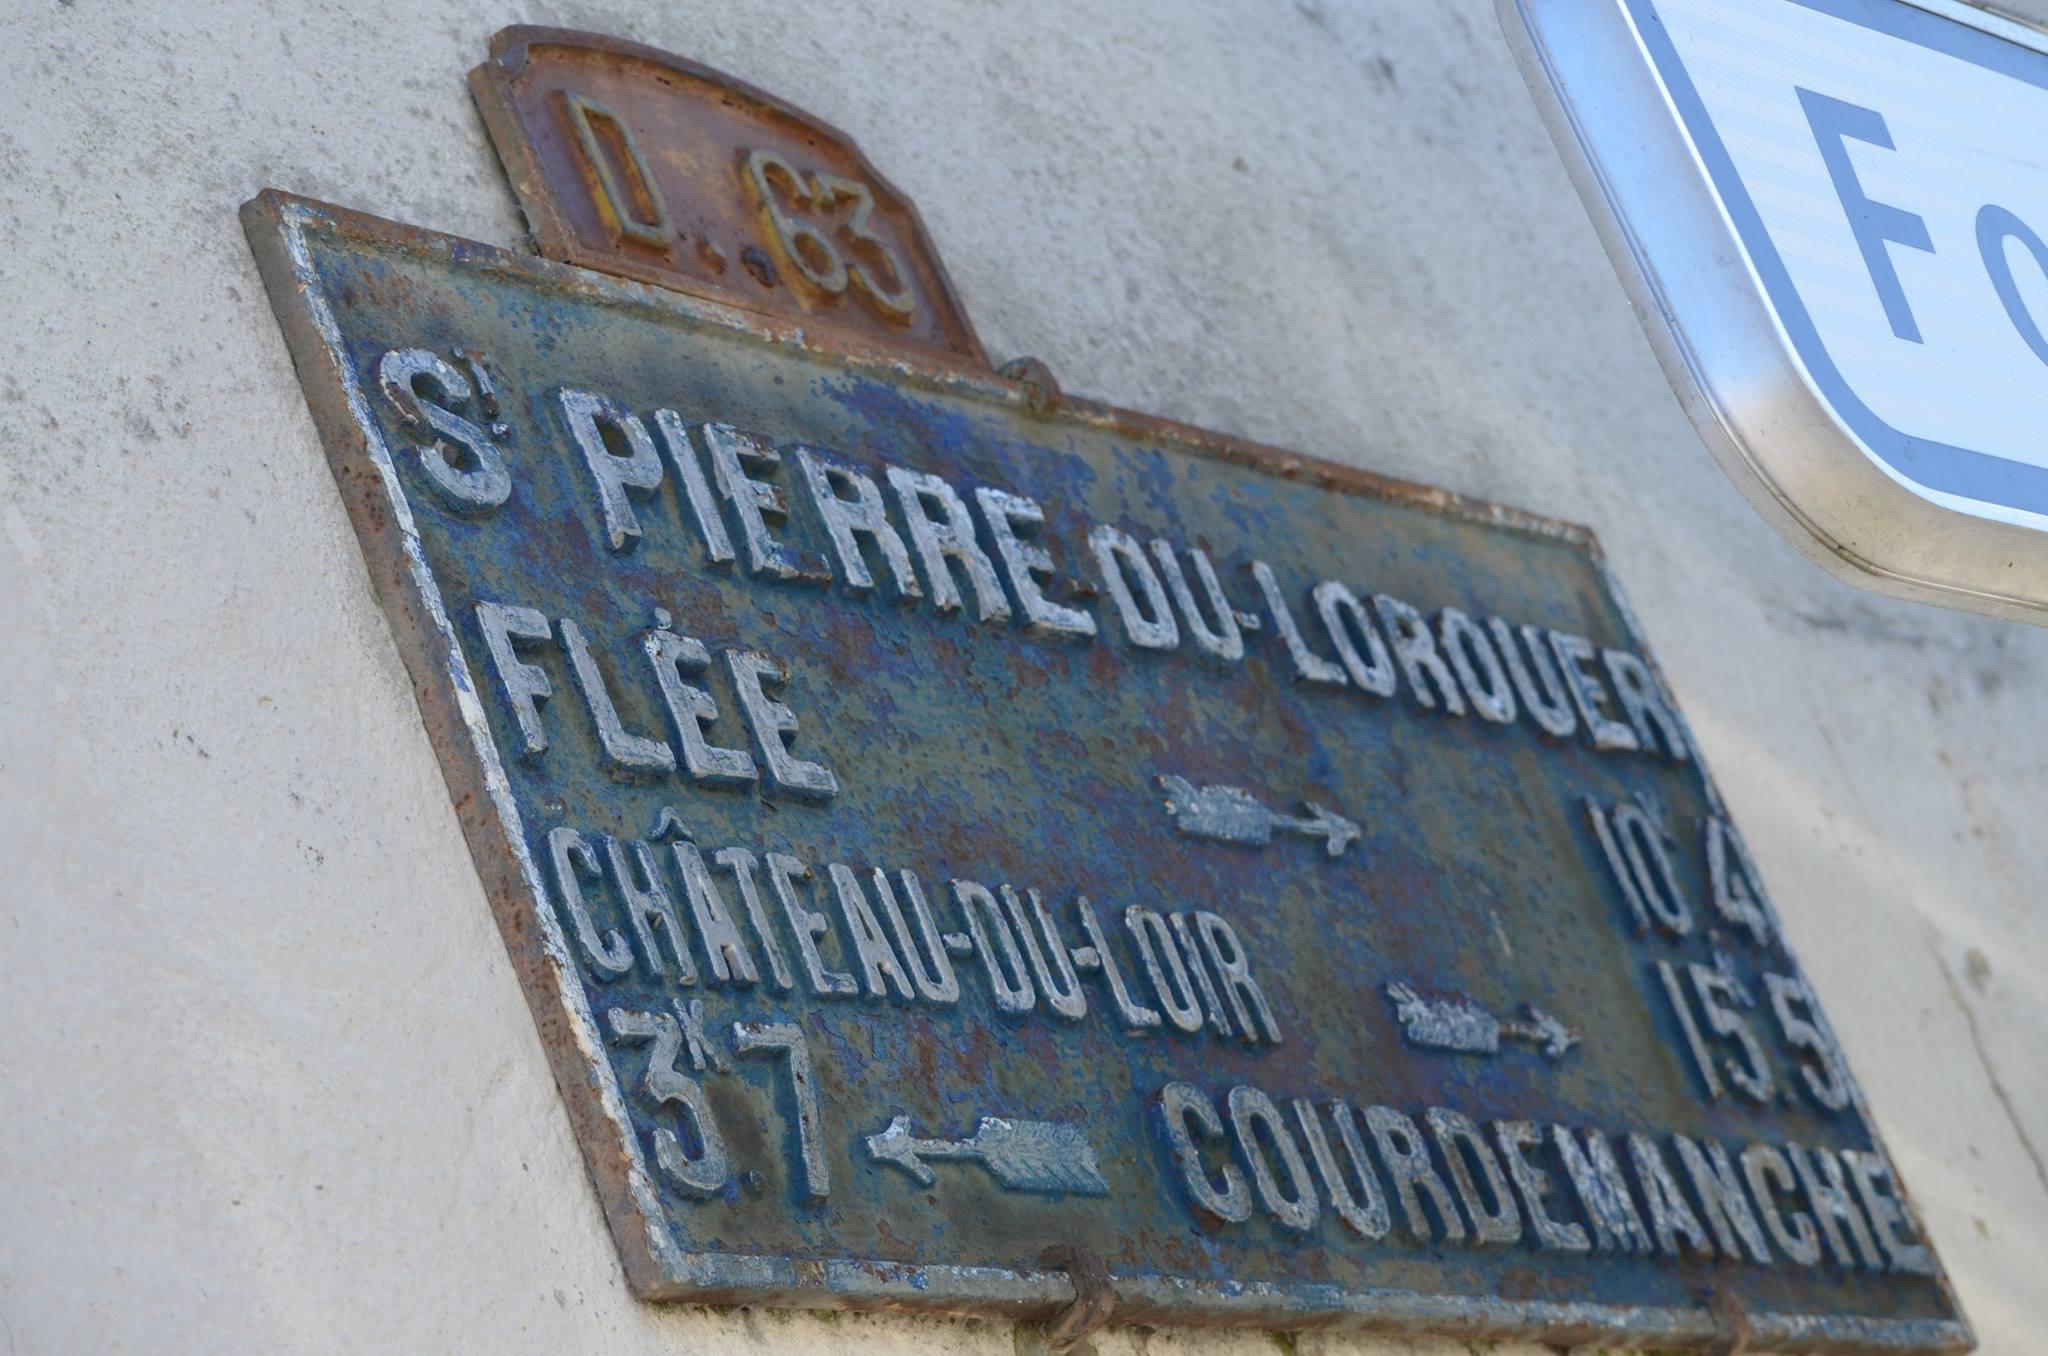 Saint Pierre du Lorouër, rue de la Forêt - Plaque de cocher - Flée - Château du Loir - Courdemanche (San Doni)